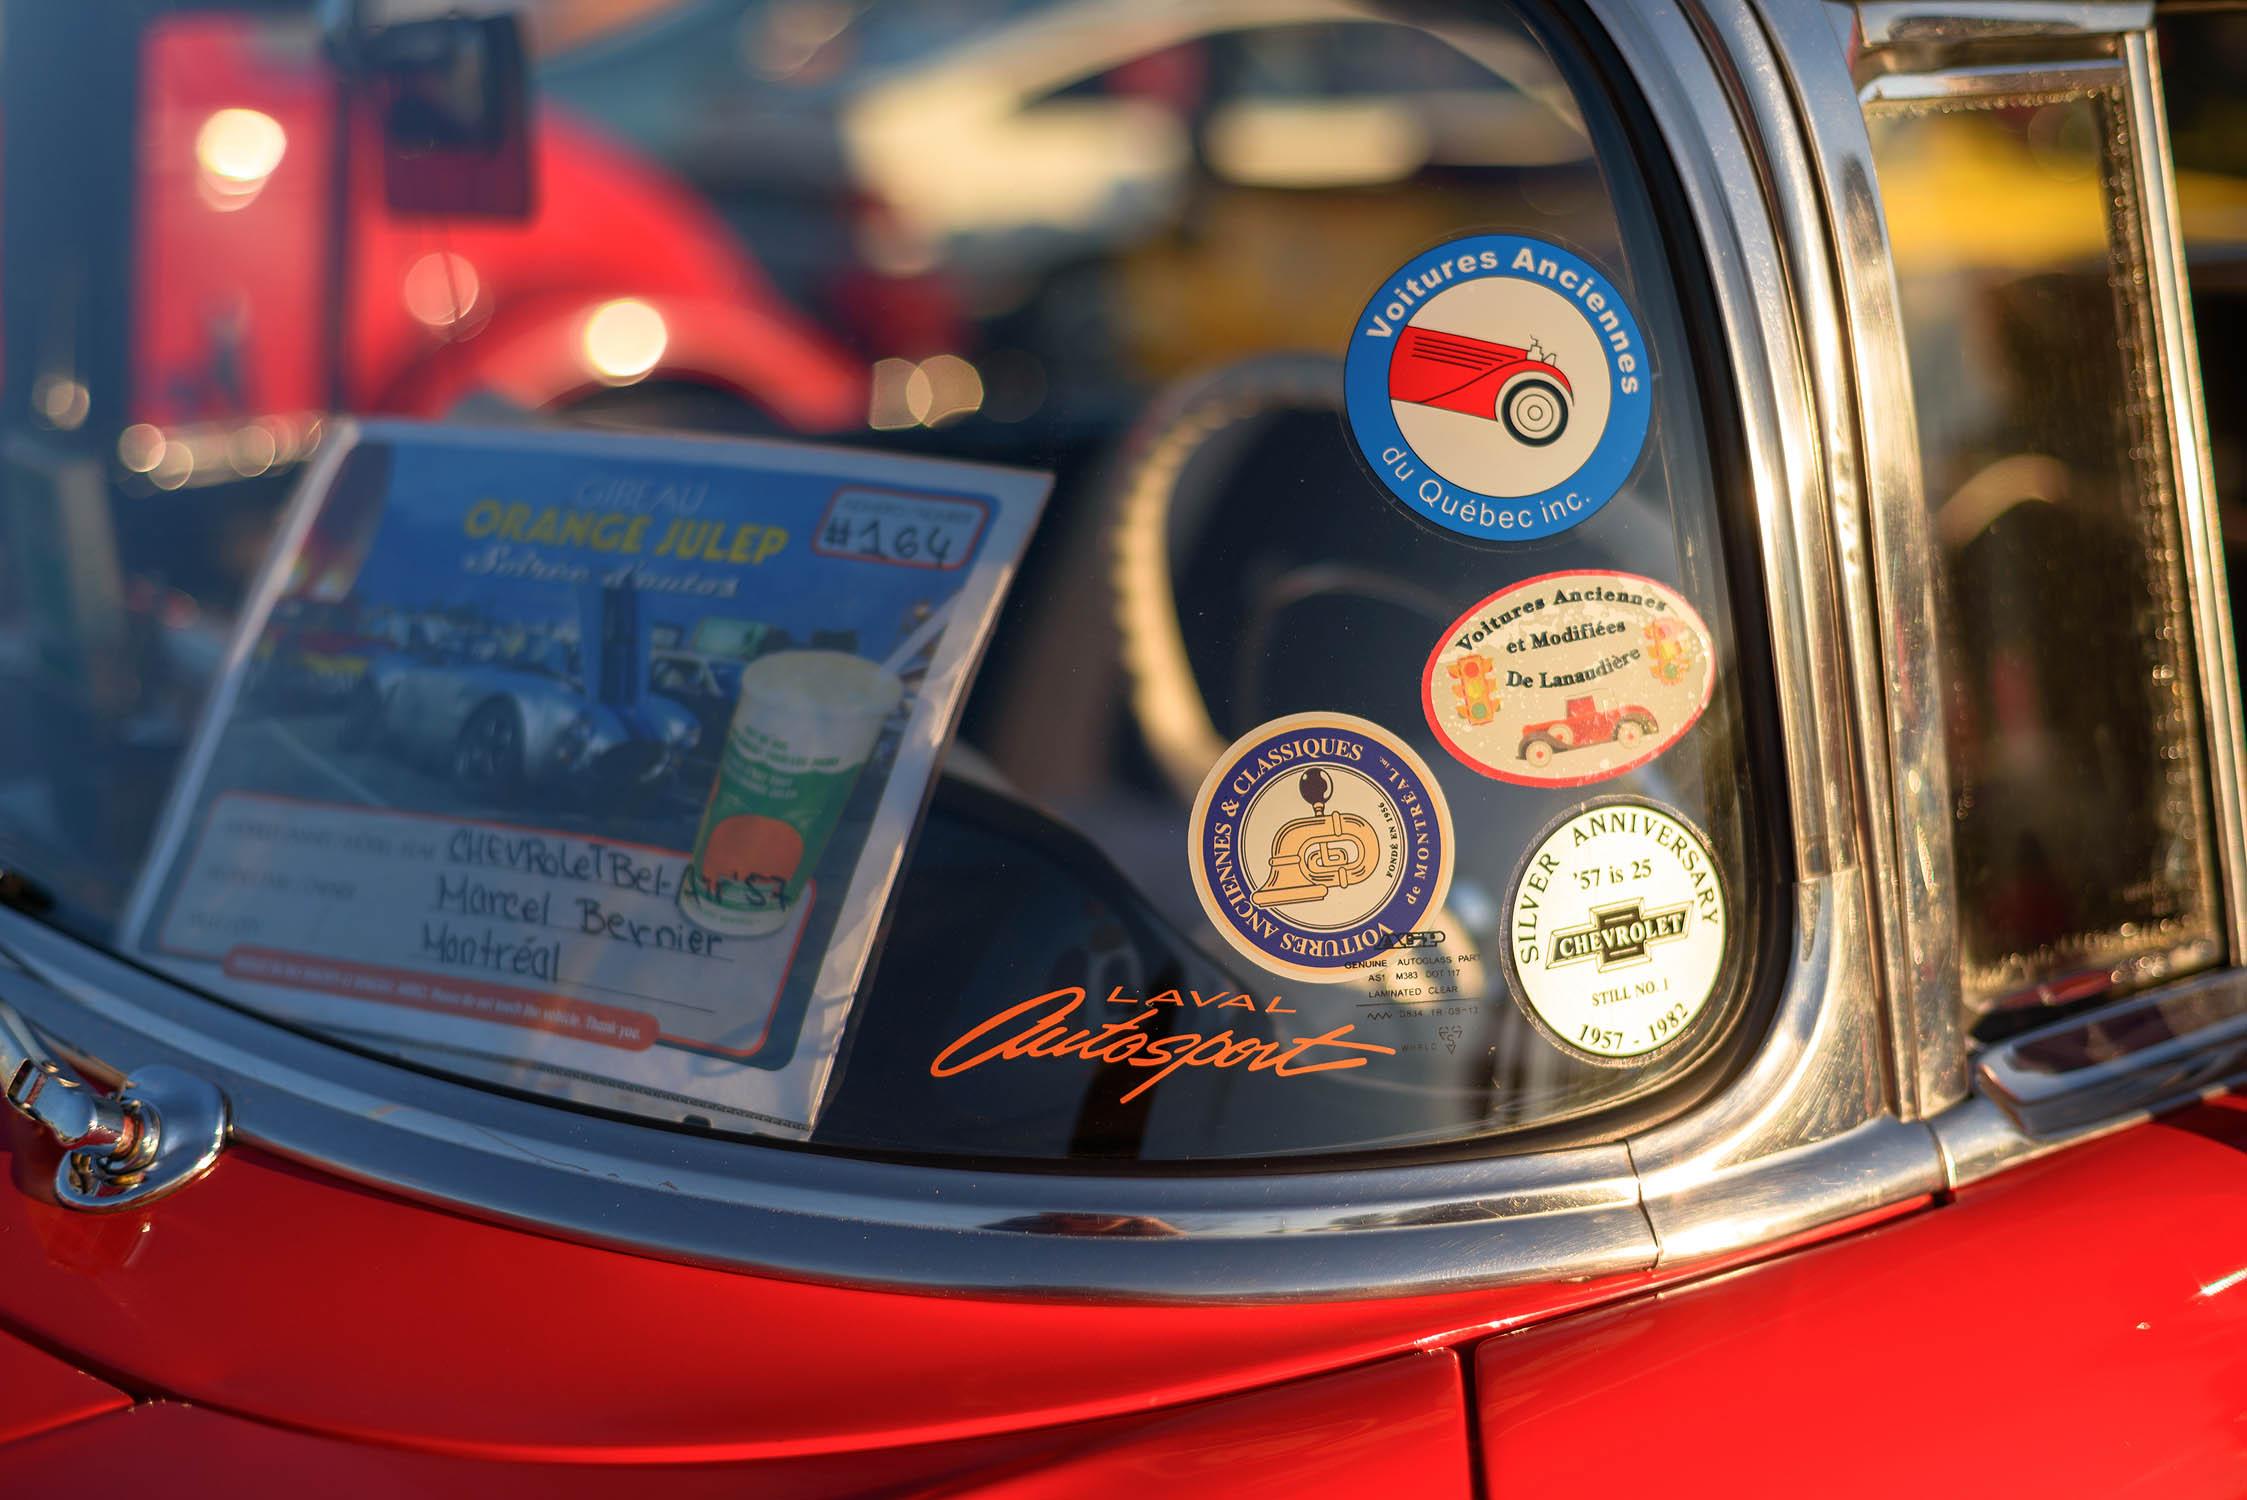 julep-cars-monika-story-31.jpg